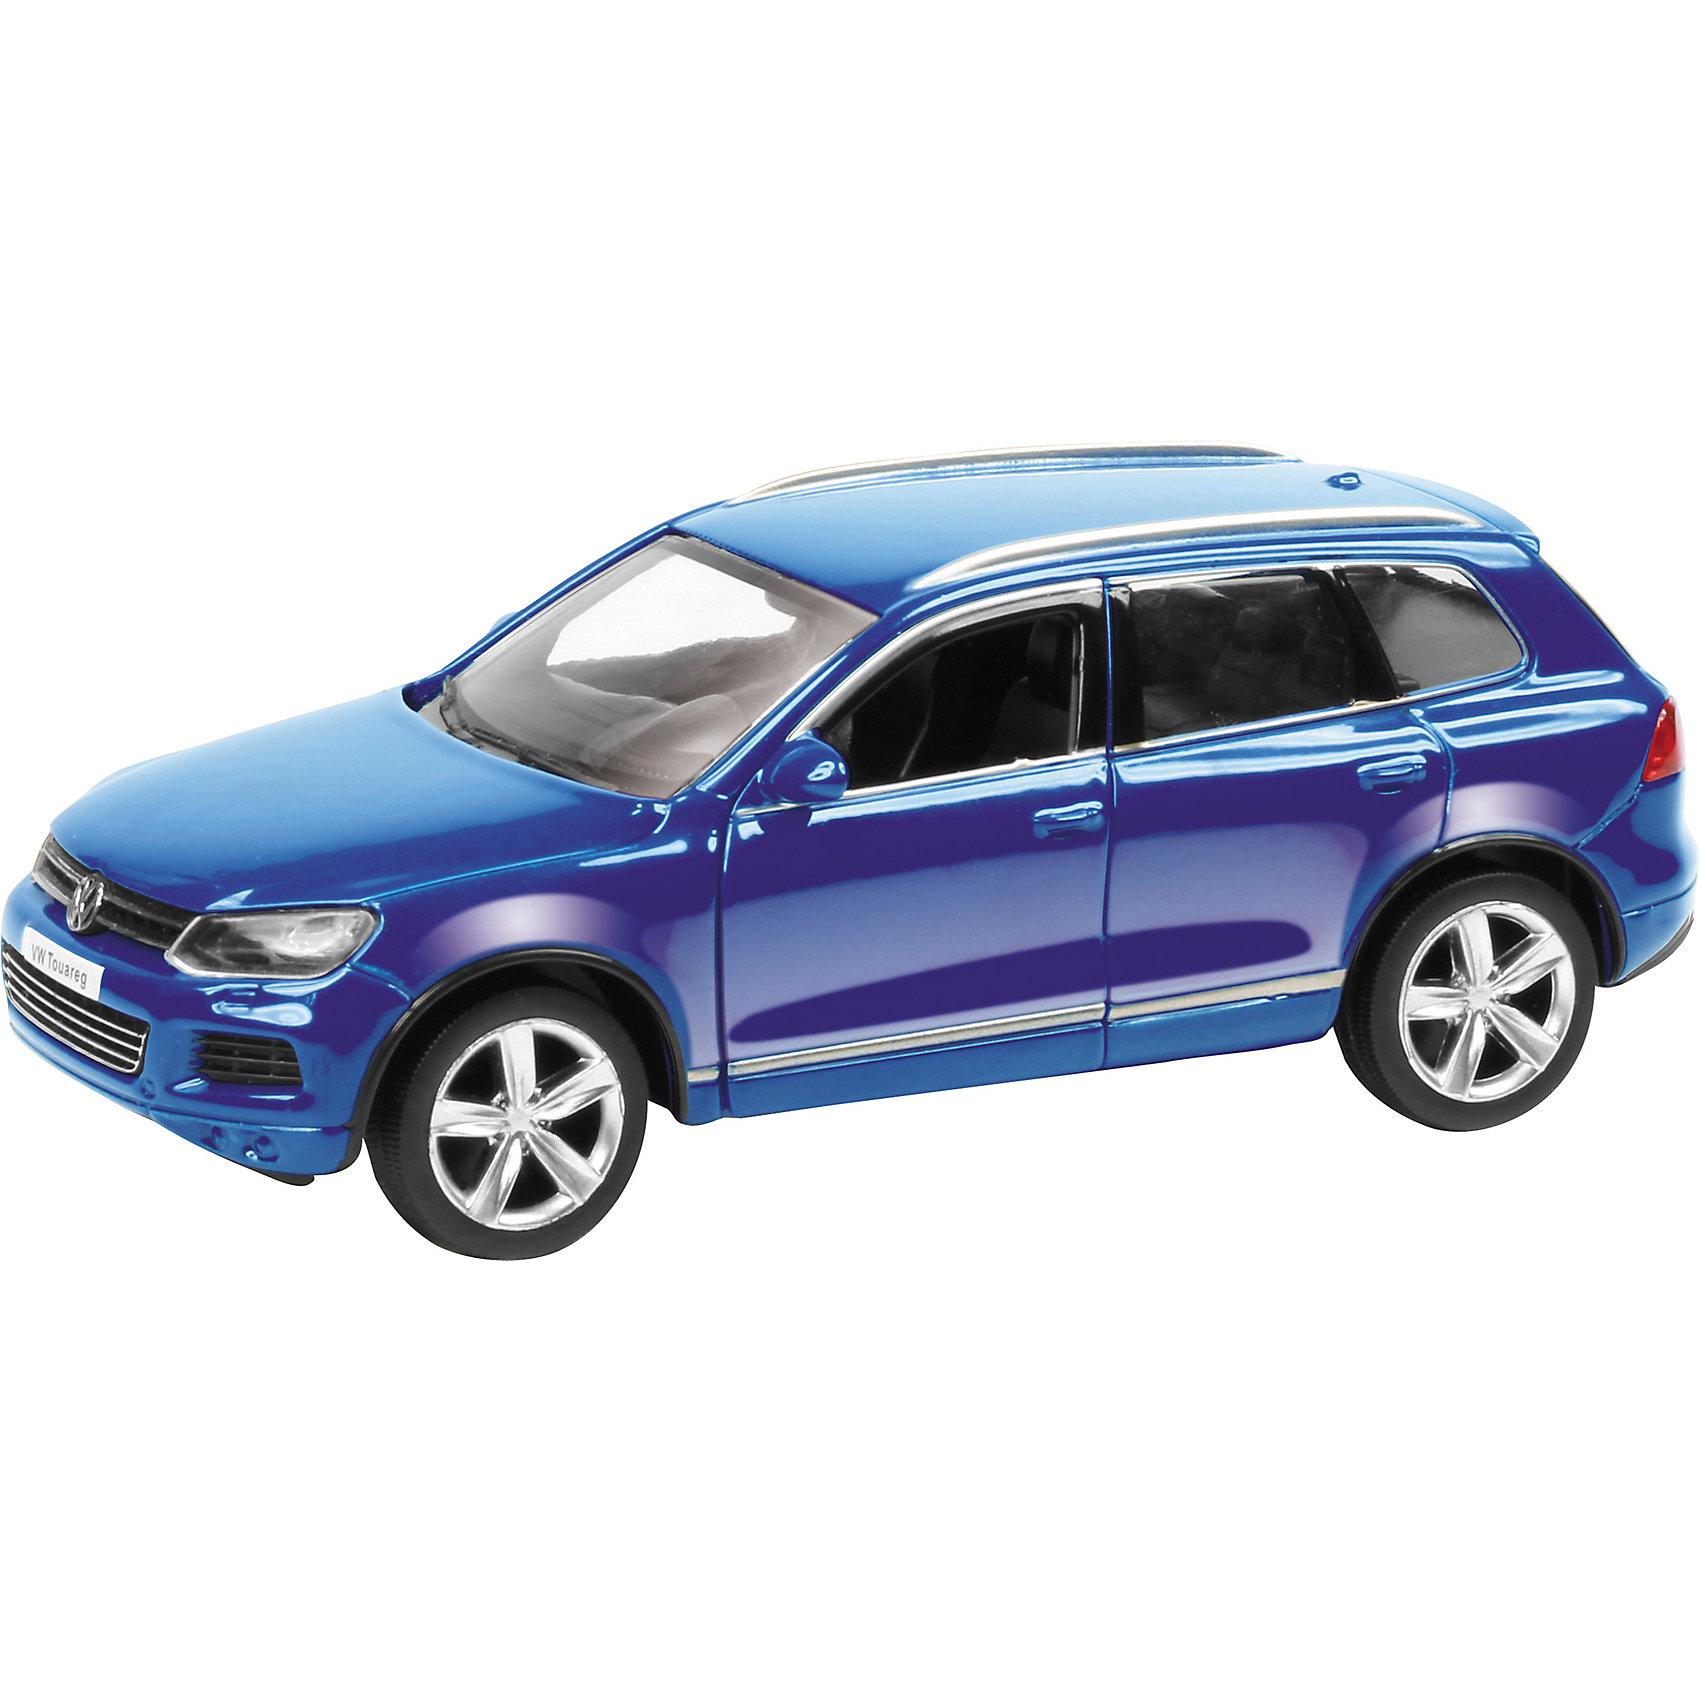 Машина VOLKSWAGEN TOUAREG 3Машинки<br>Машинка Volkswagen Touareg 3, Autotime (Автотайм).<br><br>Характеристики:<br><br>• Масштаб 1:60<br>• Длина машинки: 7,6 см.<br>• Материал: металл, пластик<br>• Цвет: синий<br>• Упаковка: картонная коробка блистерного типа<br>• Размер упаковки: 9x4x4 см.<br><br>Машинка Volkswagen Touareg 3 от Autotime (Автотайм) является уменьшенной копией кроссовера немецкой компании Volkswagen, который производится с 2002 года. Модель имеет высокую степень детализации. Корпус машинки изготовлен из металла, а все дополнительные элементы из пластика. Автомобиль качественно окрашен. Салон автомобиля тщательно проработан. Резиновые колеса свободно вращаются. Машинка Volkswagen Touareg станет хорошим подарком и ребенку, и коллекционеру моделей автомобилей.<br><br>Машинку Volkswagen Touareg 3, Autotime (Автотайм) можно купить в нашем интернет-магазине.<br><br>Ширина мм: 90<br>Глубина мм: 42<br>Высота мм: 40<br>Вес г: 58<br>Возраст от месяцев: 36<br>Возраст до месяцев: 84<br>Пол: Мужской<br>Возраст: Детский<br>SKU: 4515360